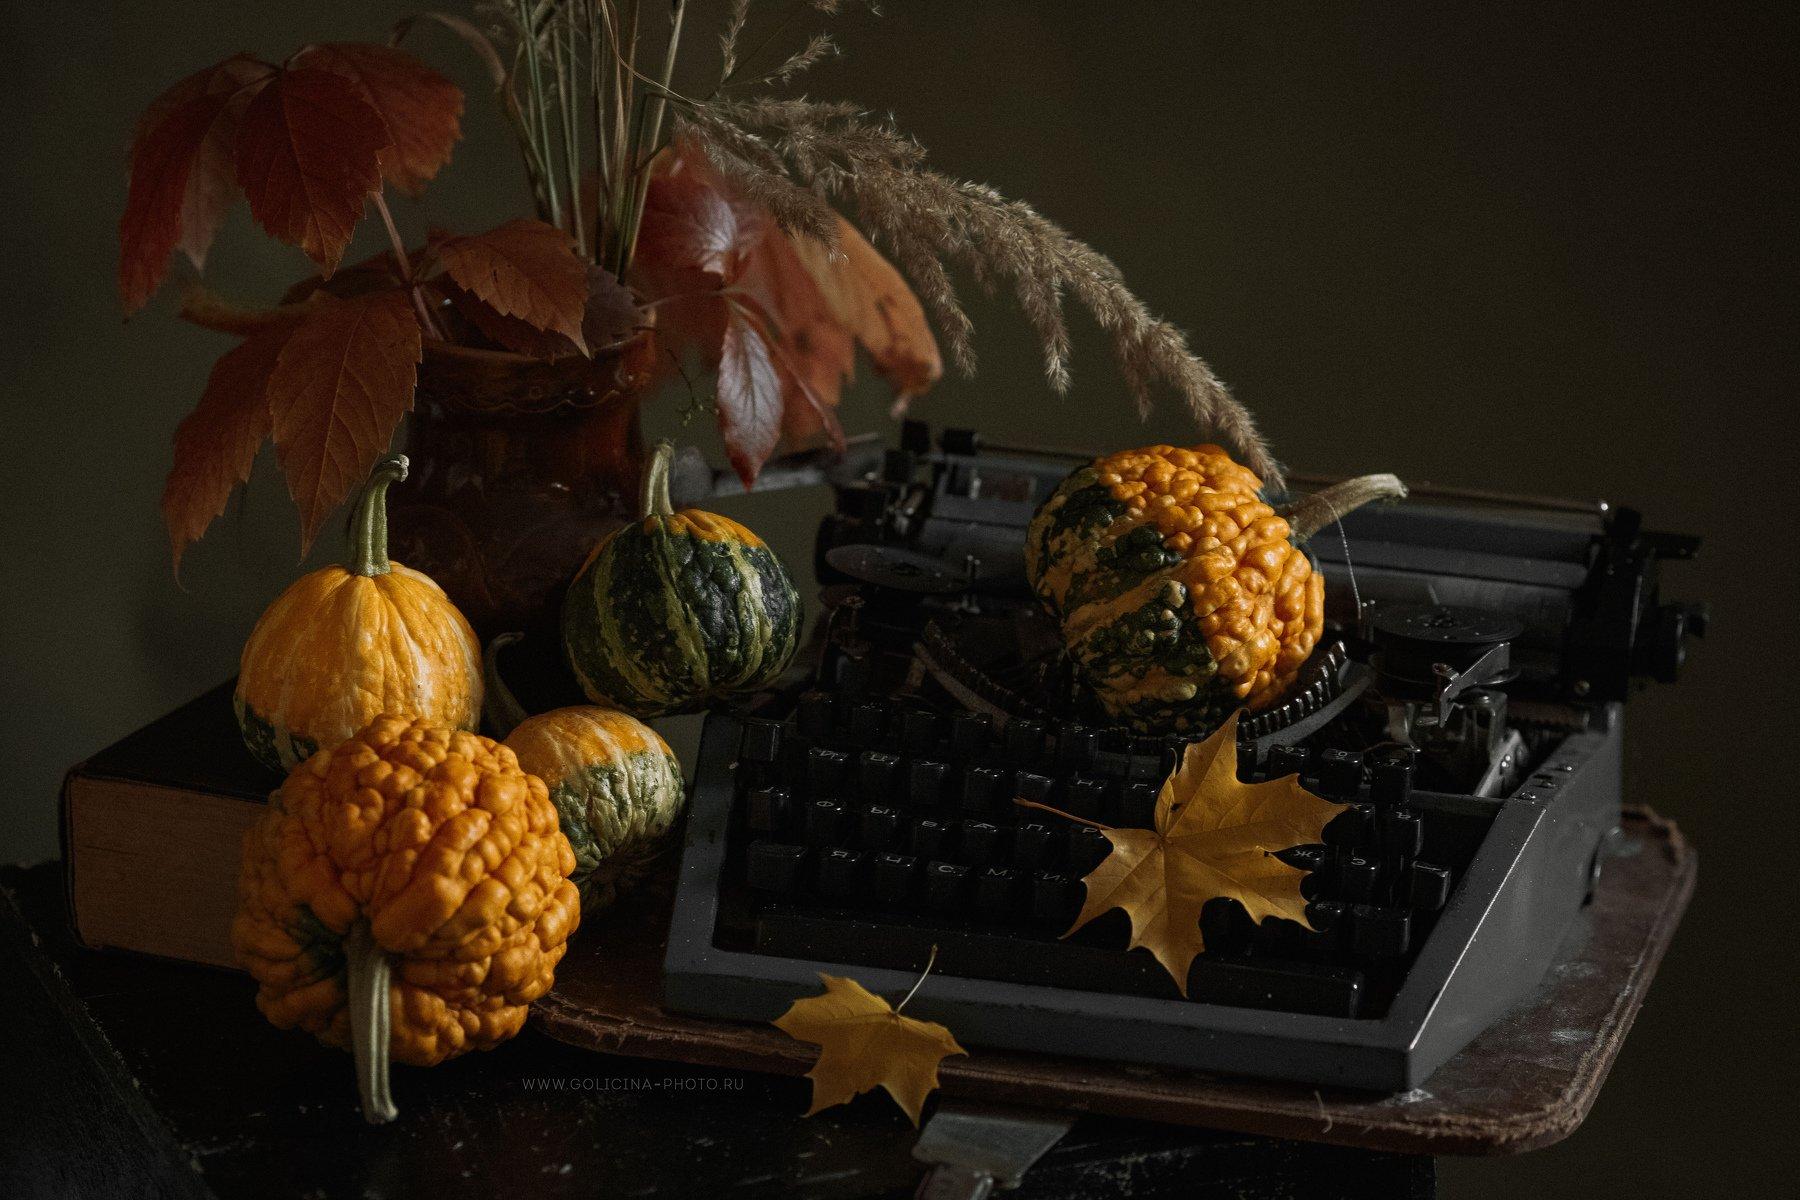 тыквы машинка осень, Svetlana Golicyna